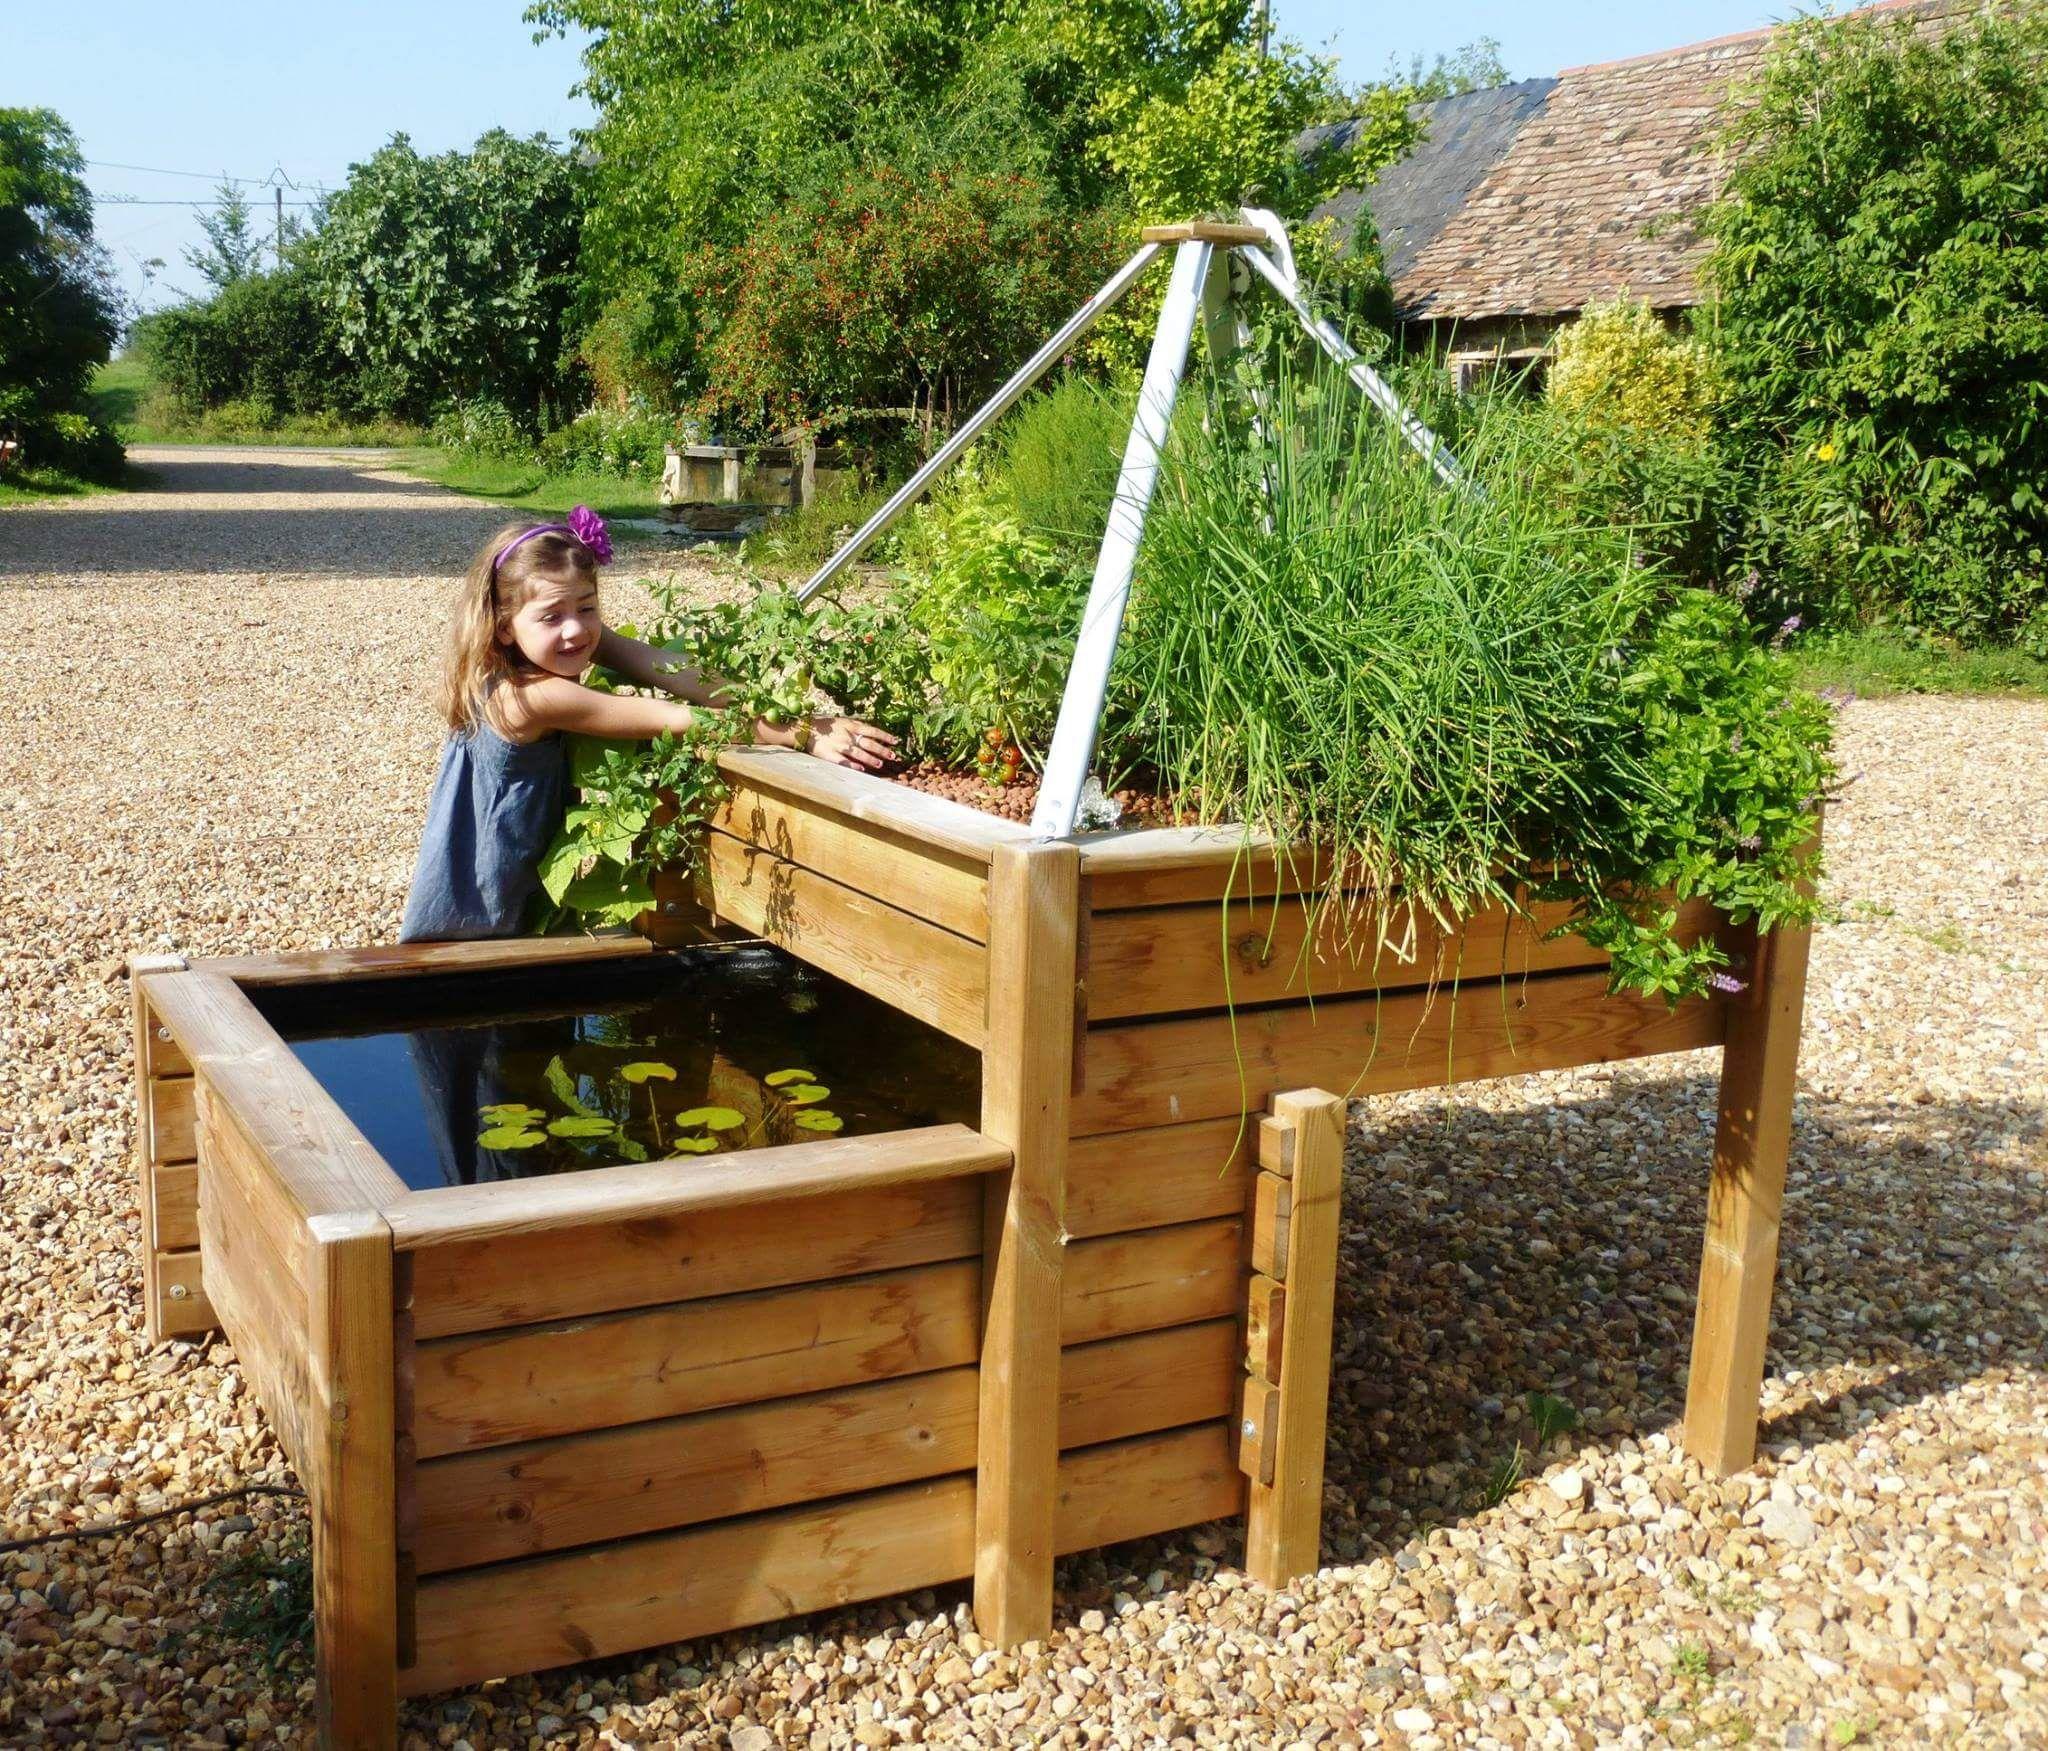 Bassin Potager Aquaponique - Une Table Potagère En Bois Et ... avec Bassin De Jardin Hors Sol